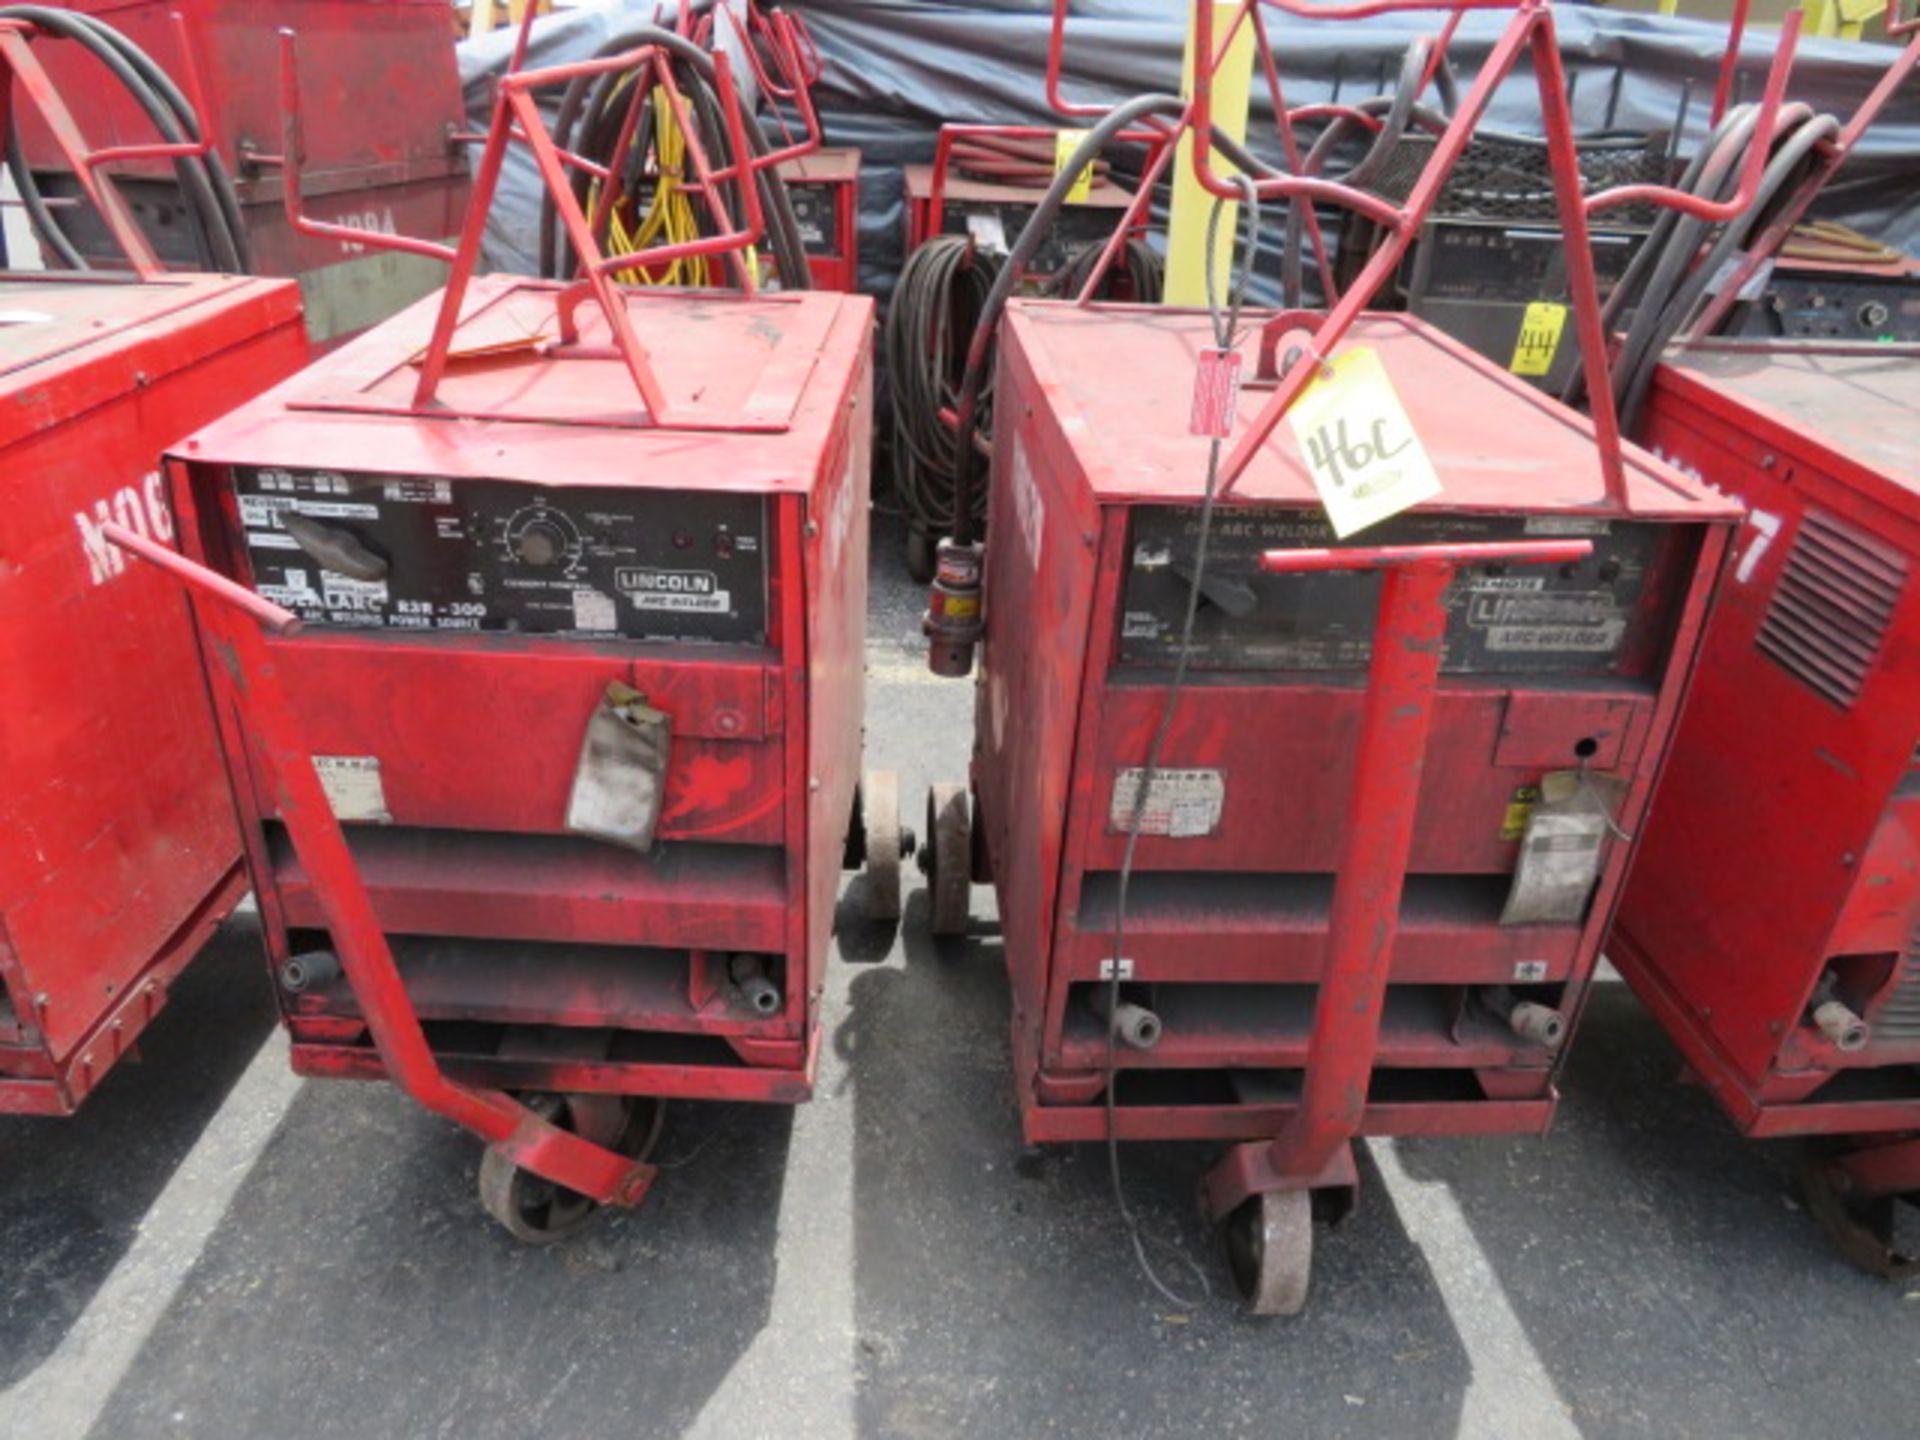 Lot 46C - LINCOLN IDEALARC R3R 300 TIG WELDER W/ CART